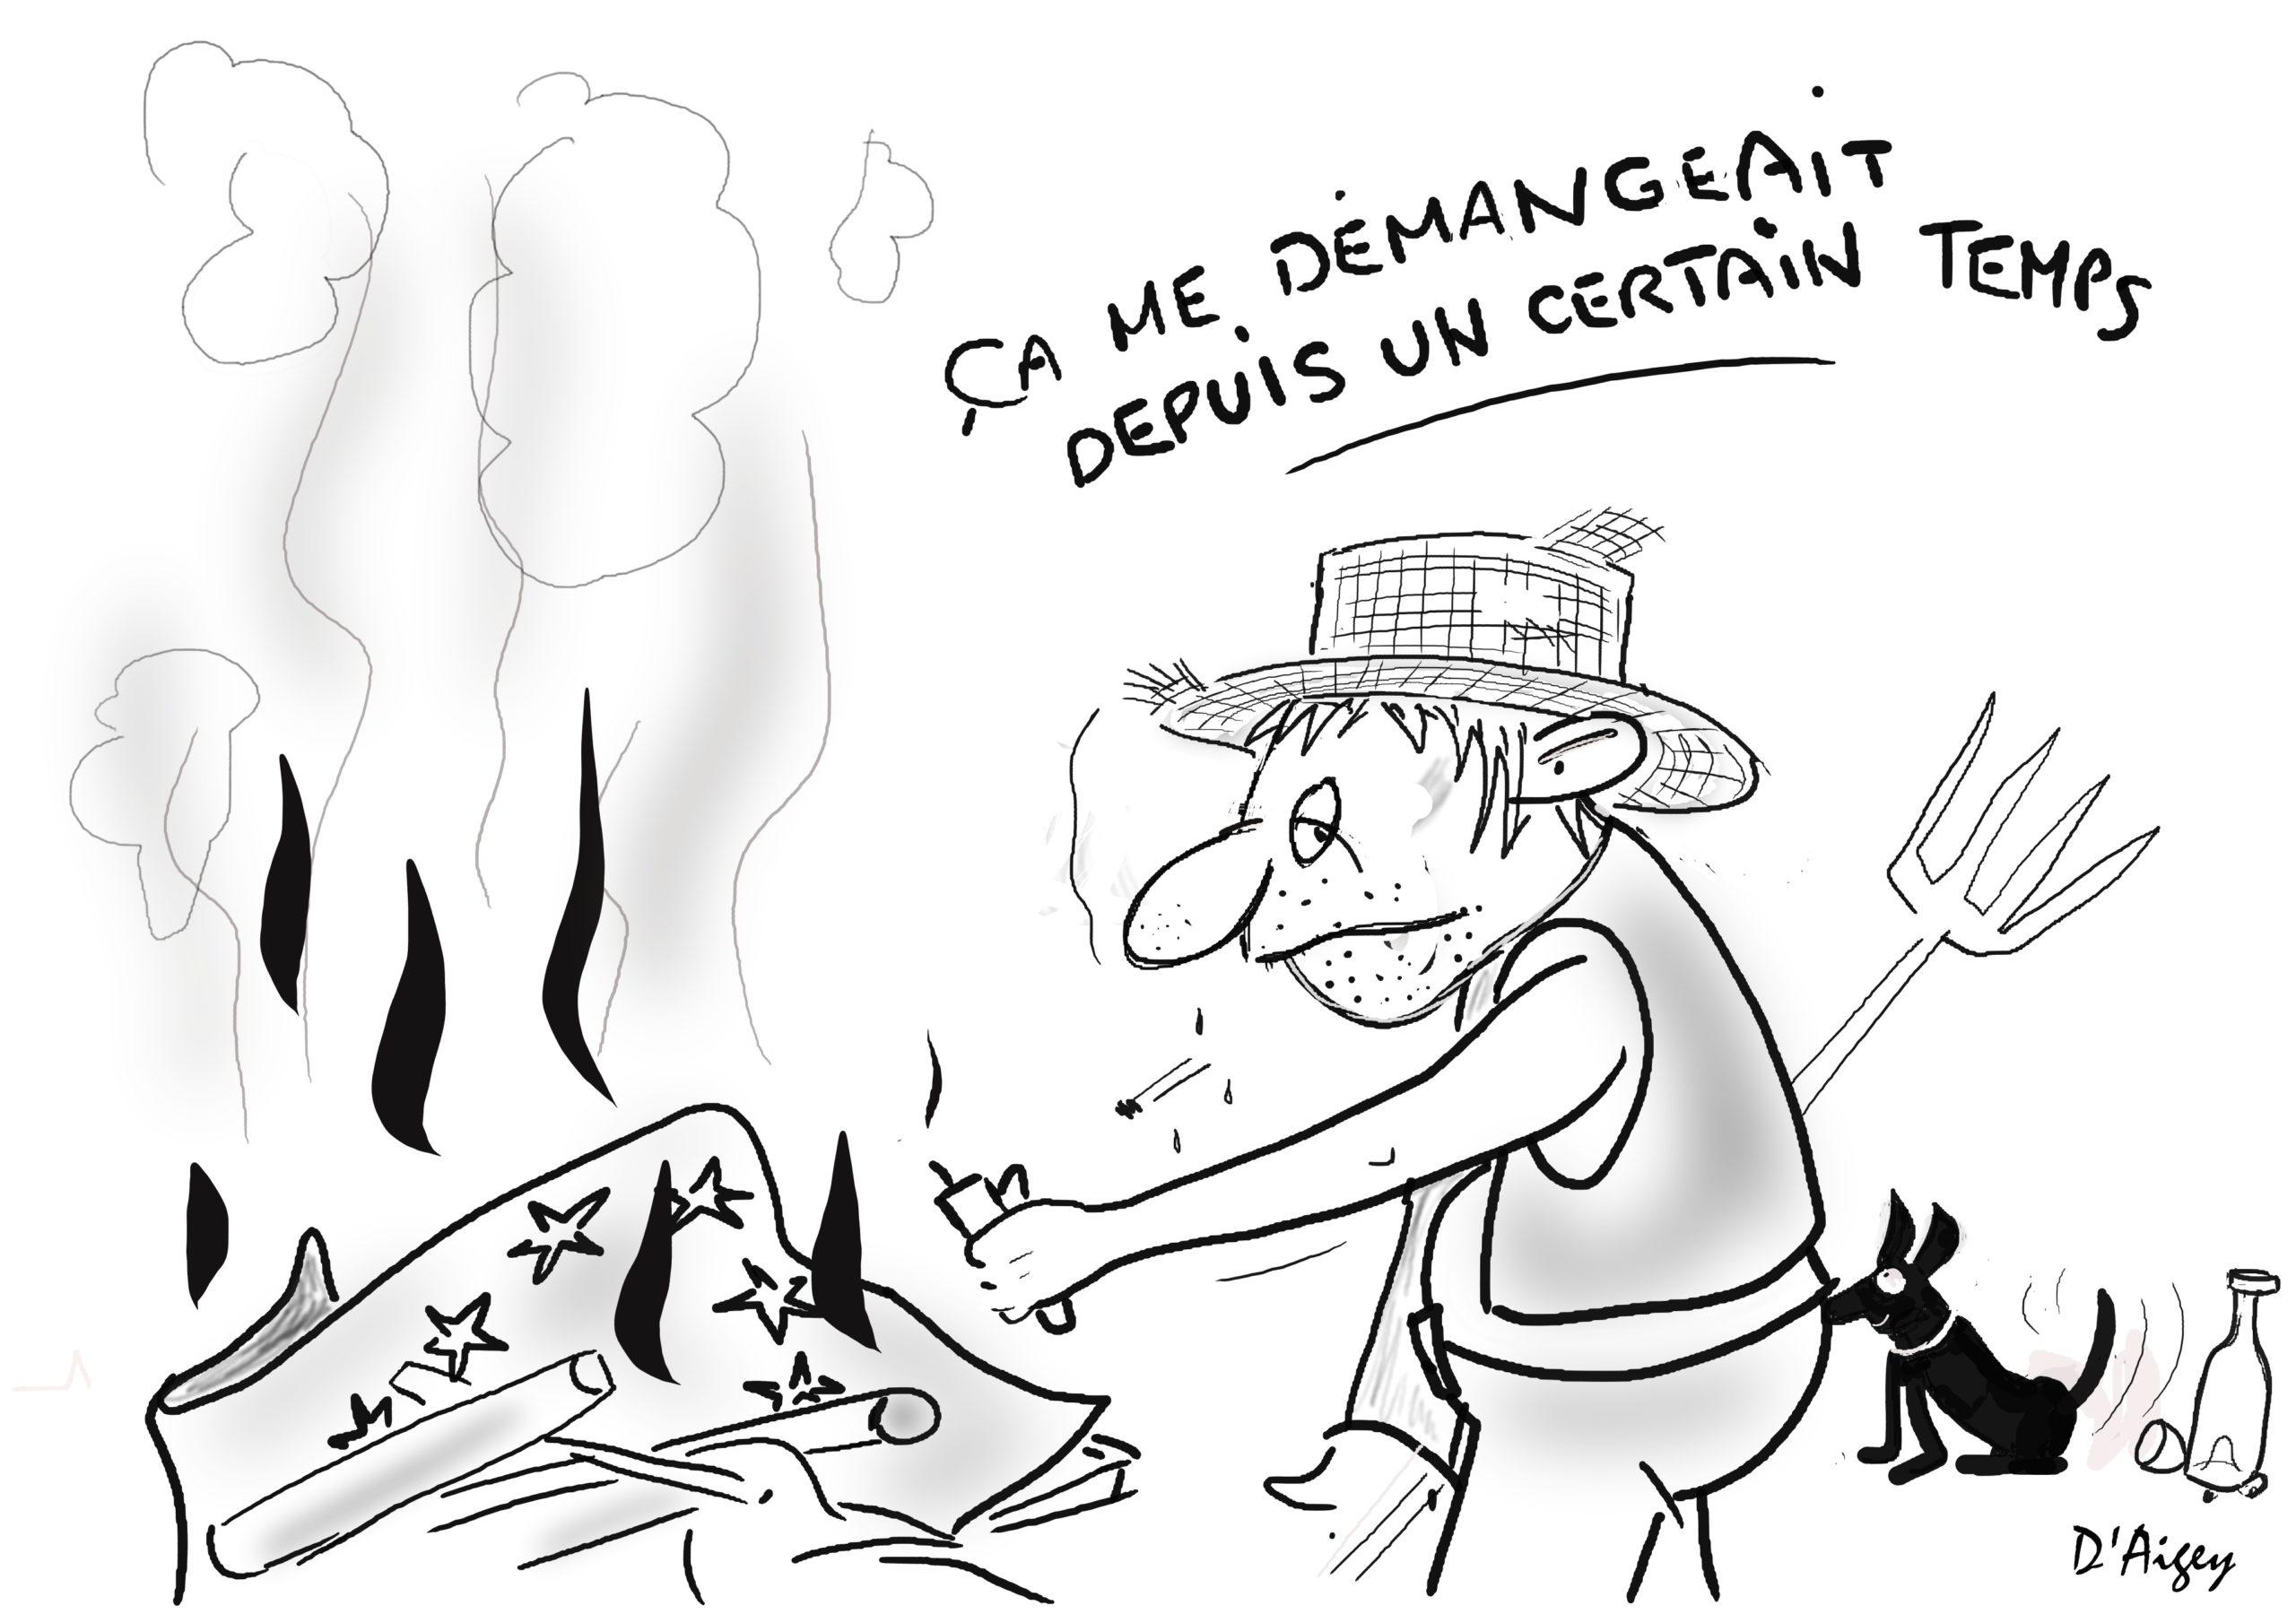 Confinement des vieux : Elisabeth Lévy «de quoi De Leyen et la commission européenne se mêlent-elles «?